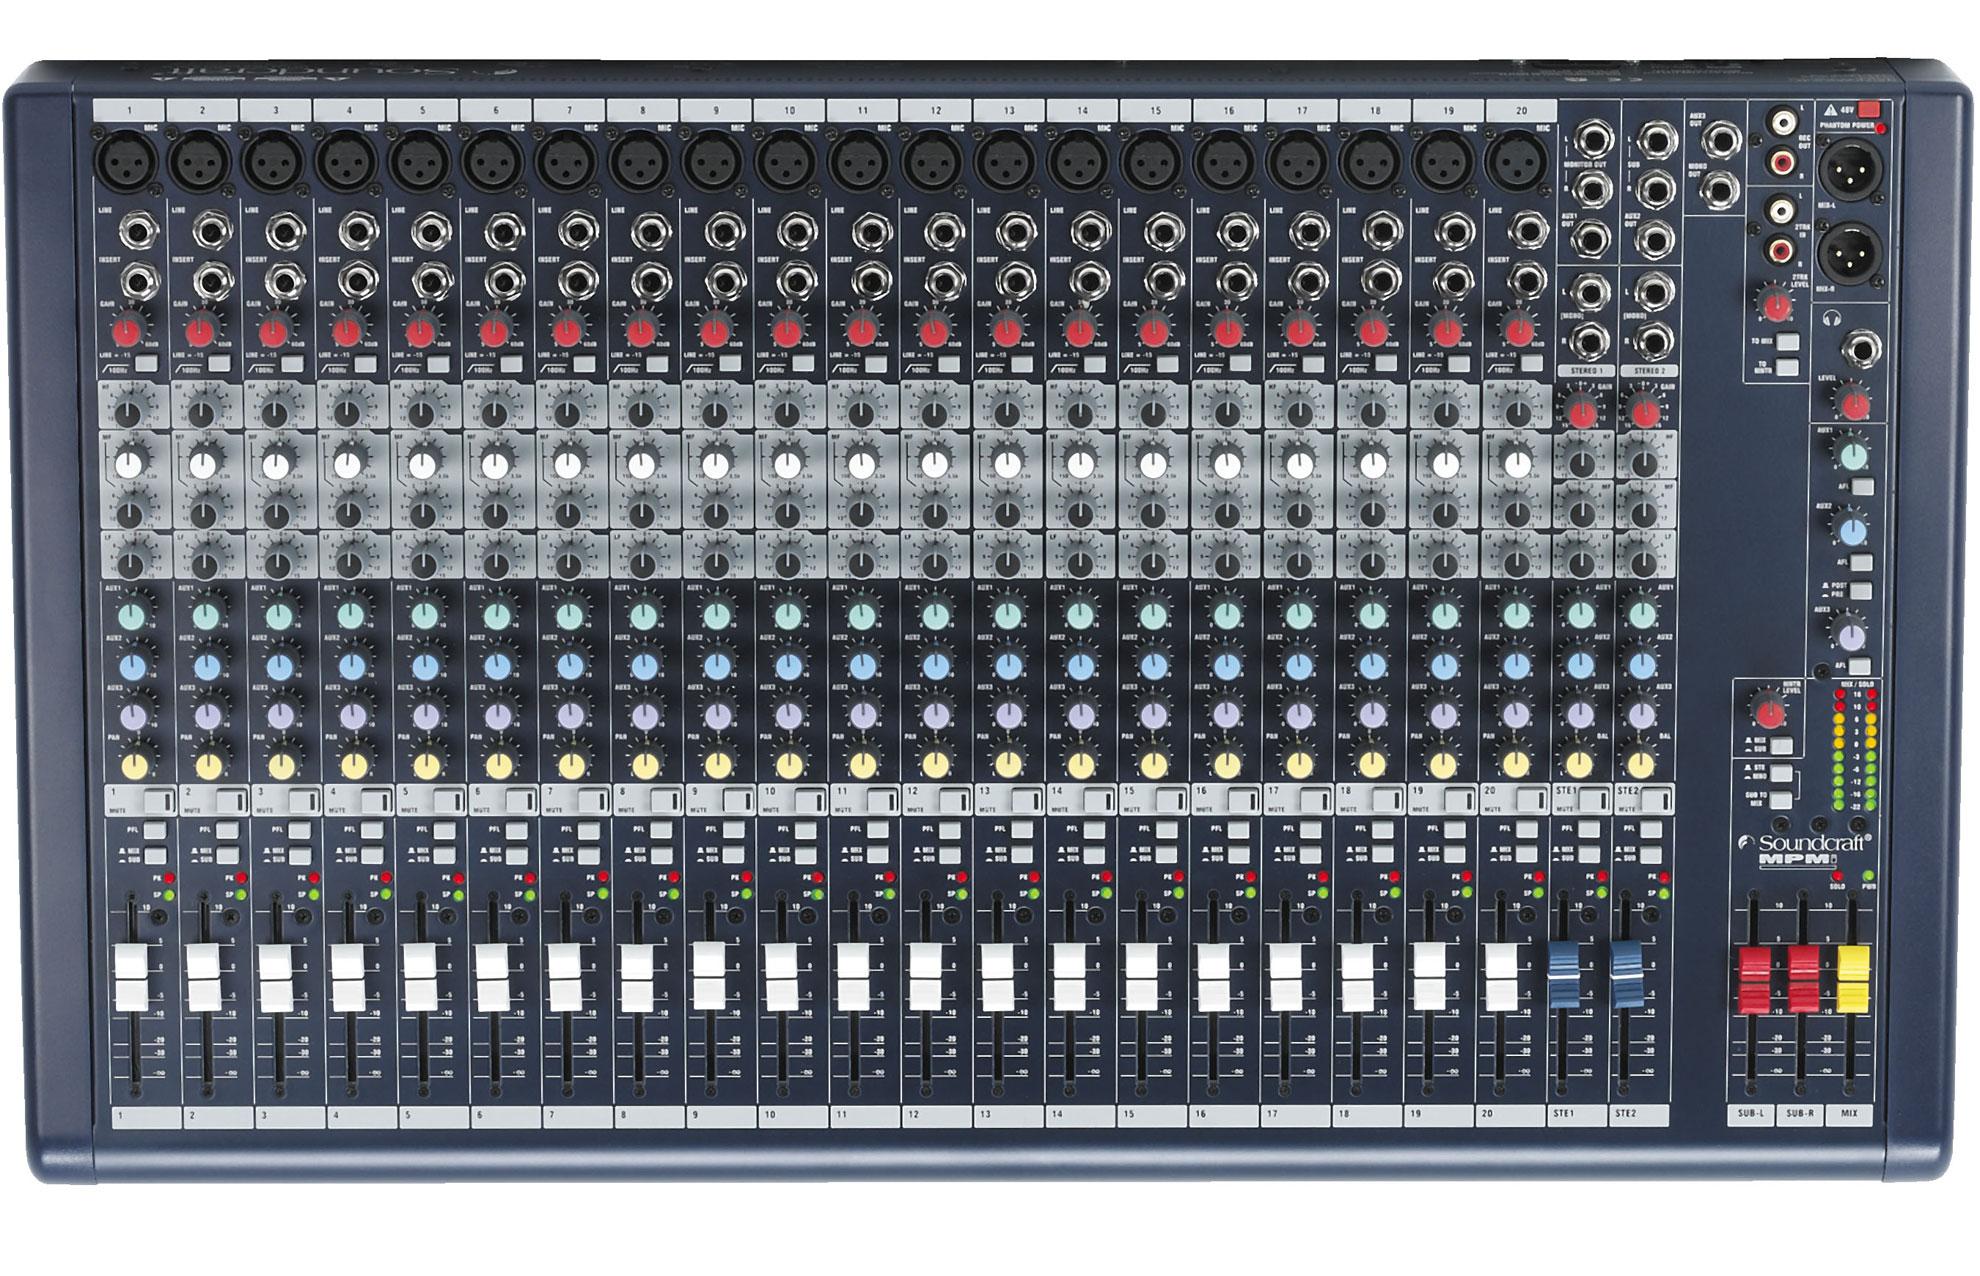 声艺Soundcraft  MPMi 系列多功能调音台 SOUNDCRAFT MPMi20产品照片